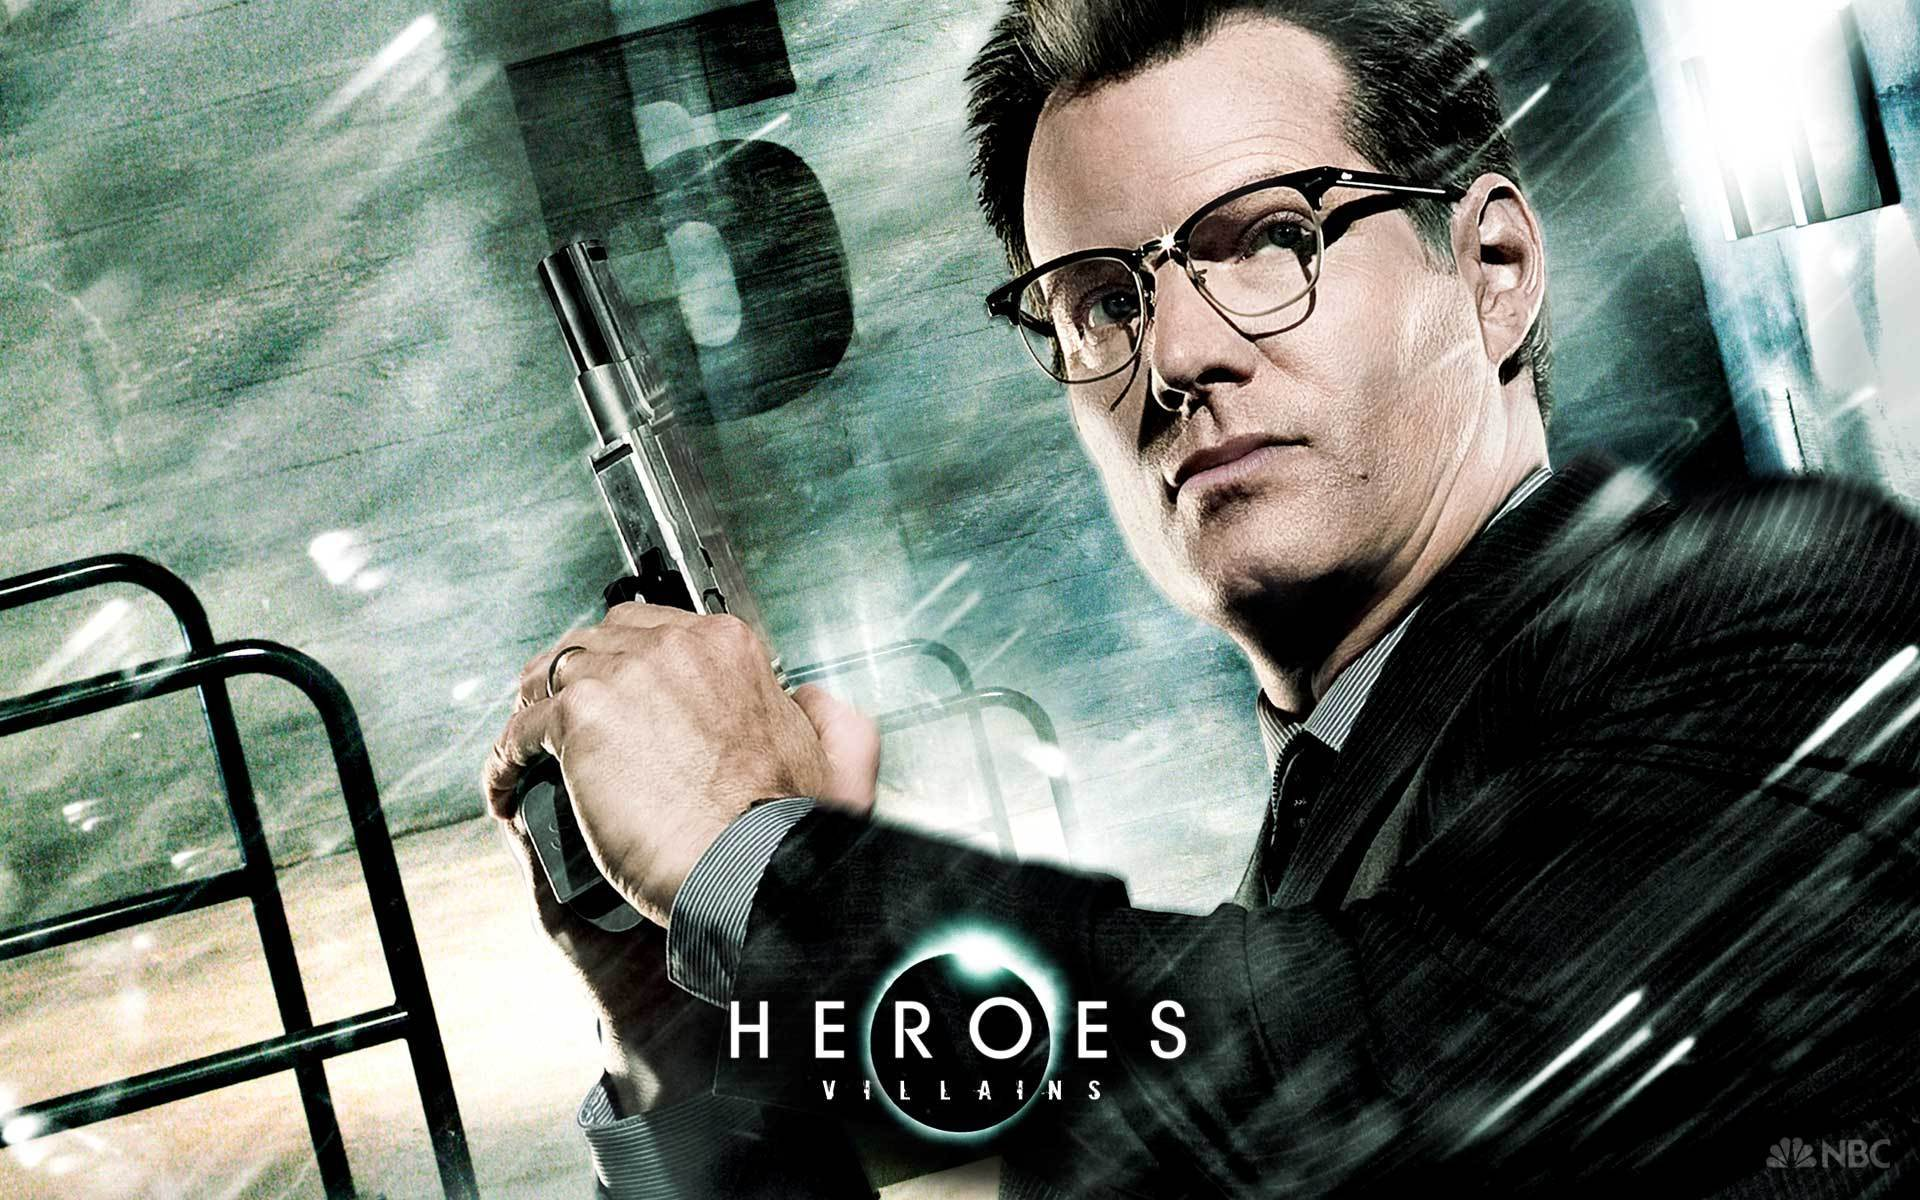 Heroes tendra una cuarta temporada | Ubuntu Life